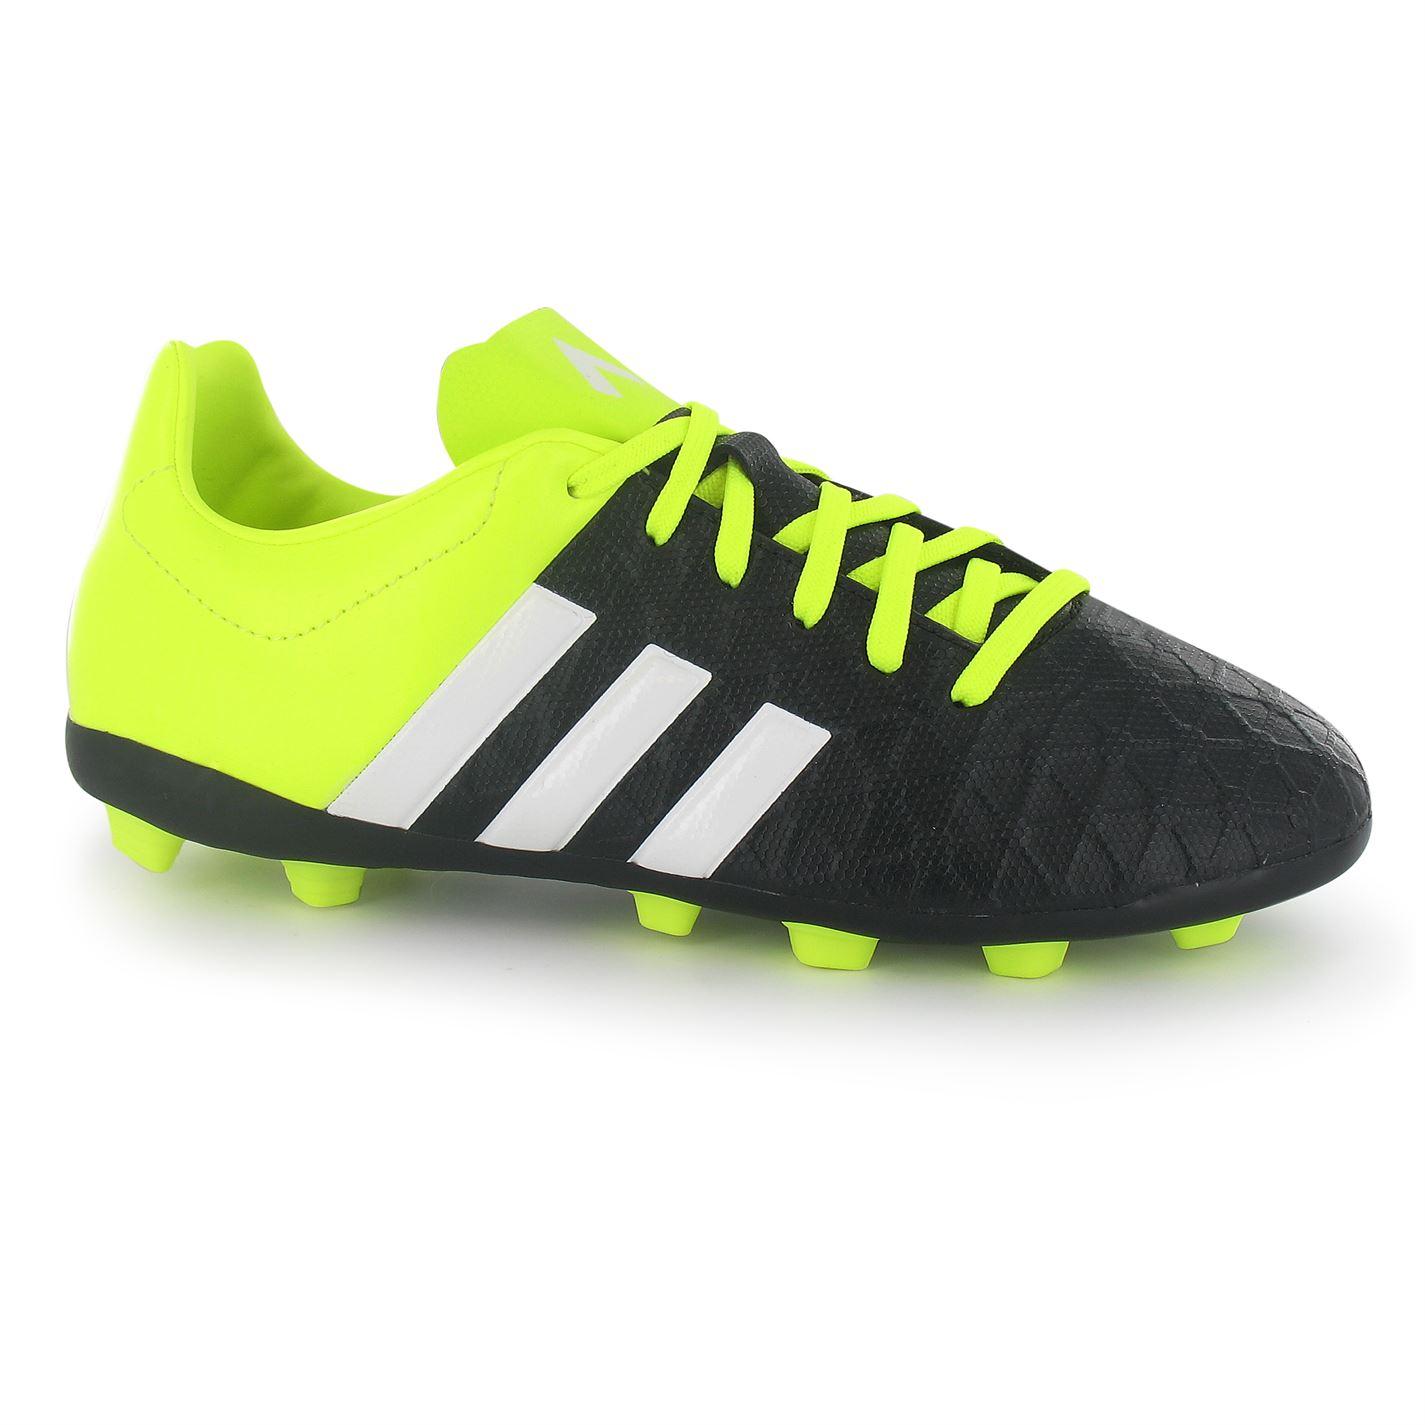 Ghete de fotbal adidas Ace 15.4 FG pentru Juniori